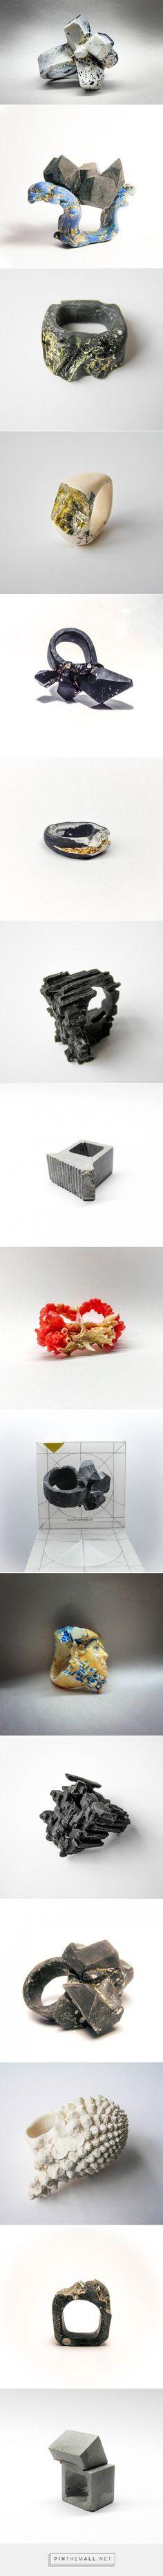 Benas Staskauskas Jewellery | Designcollector - created via http://pinthemall.net